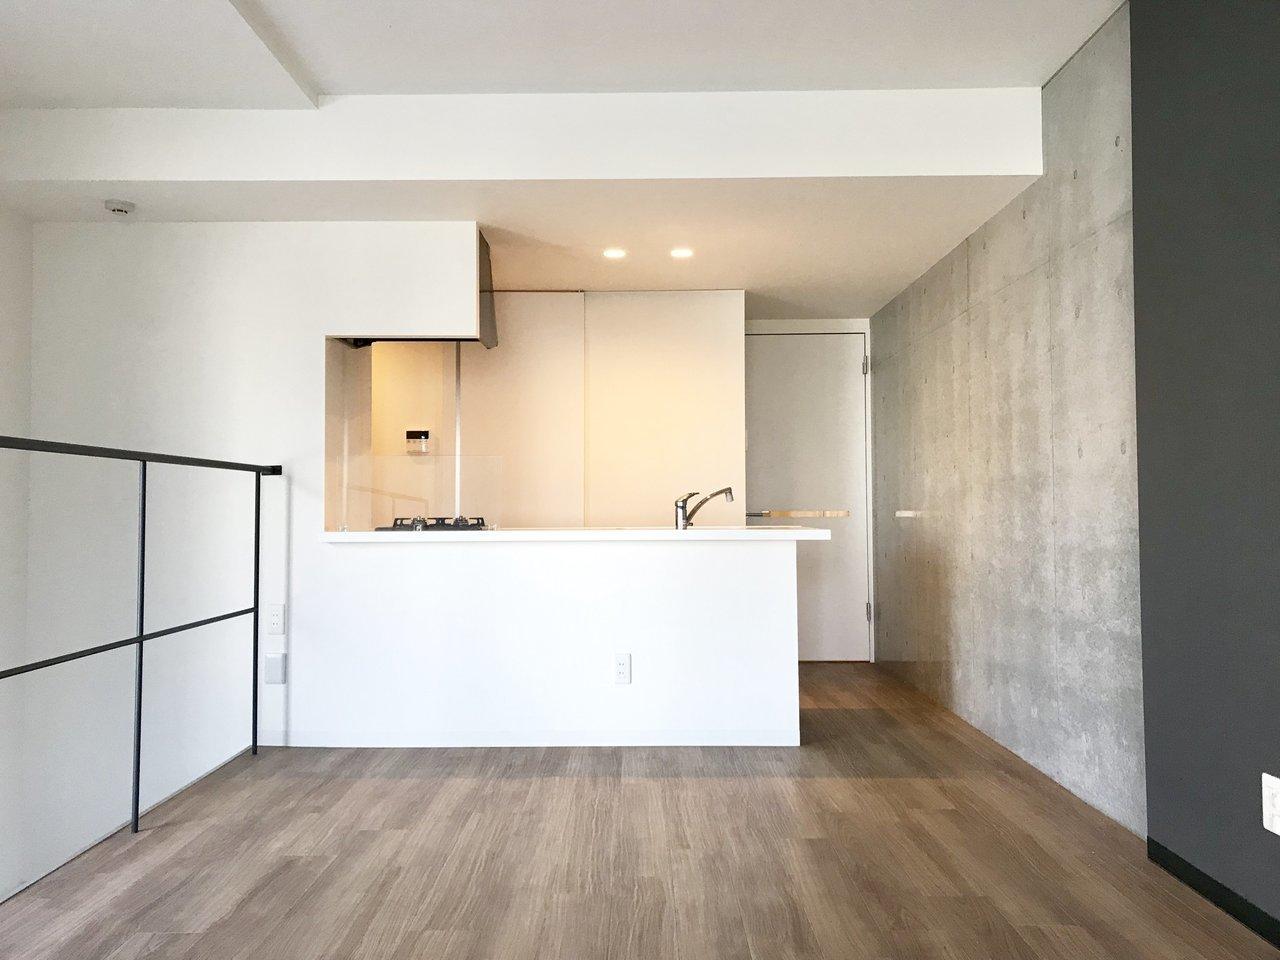 2LDK・メゾネットタイプのお部屋をみつけました。2階にあるこのキッチンが主役級。2口ガスコンロのシステムキッチンなので、使い勝手もよさそうです。